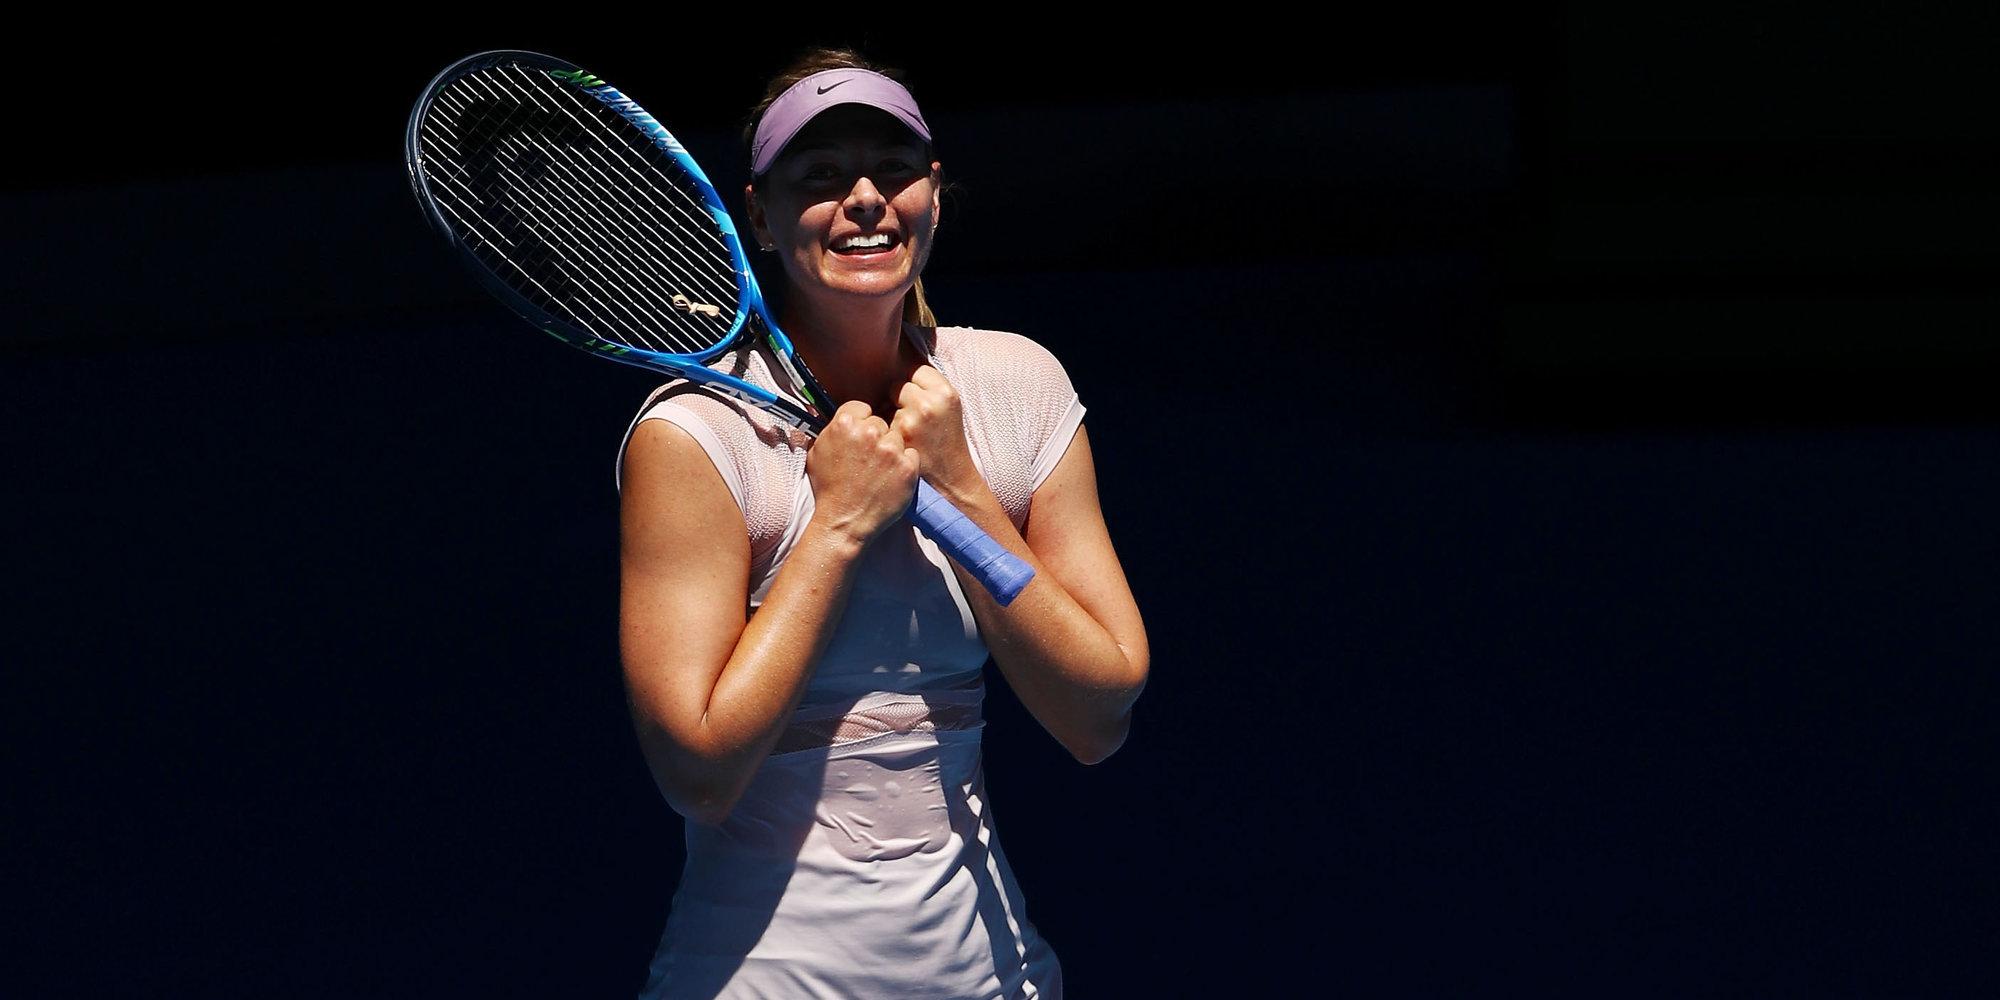 Шарапова попала в топ-3 рейтинга теннисисток с самыми большими призовыми за карьеру